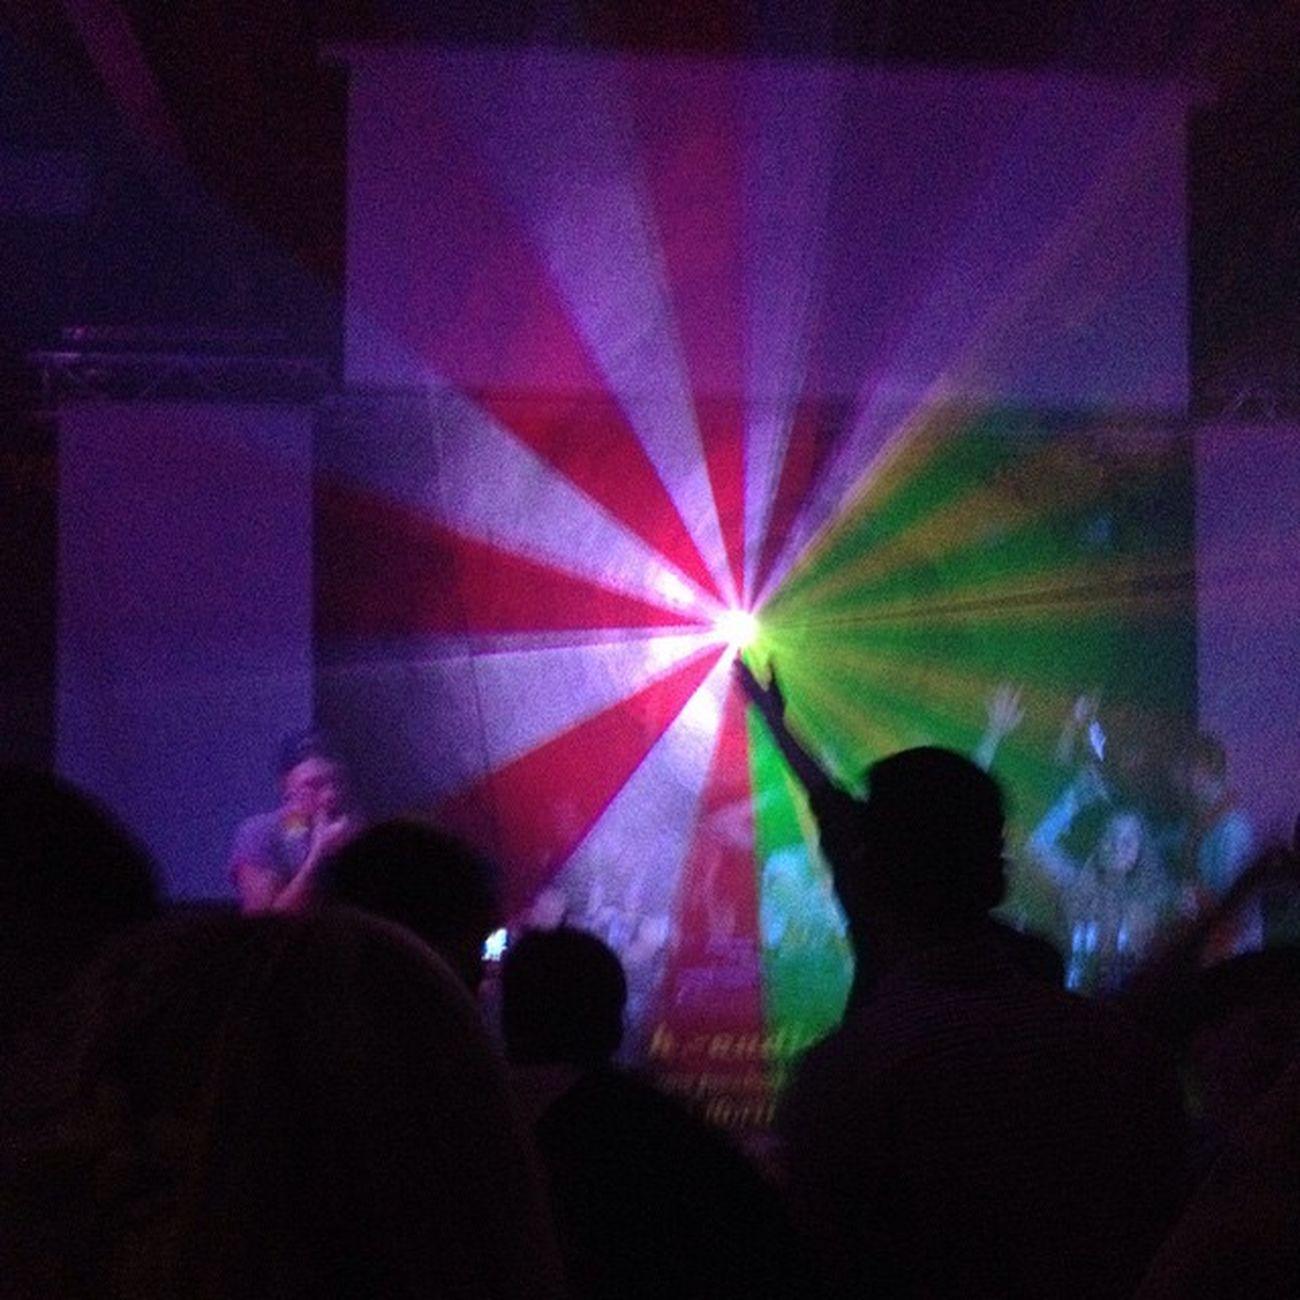 Alle Tanzen Geiler Rave techno techno abgehen gönnen harsum